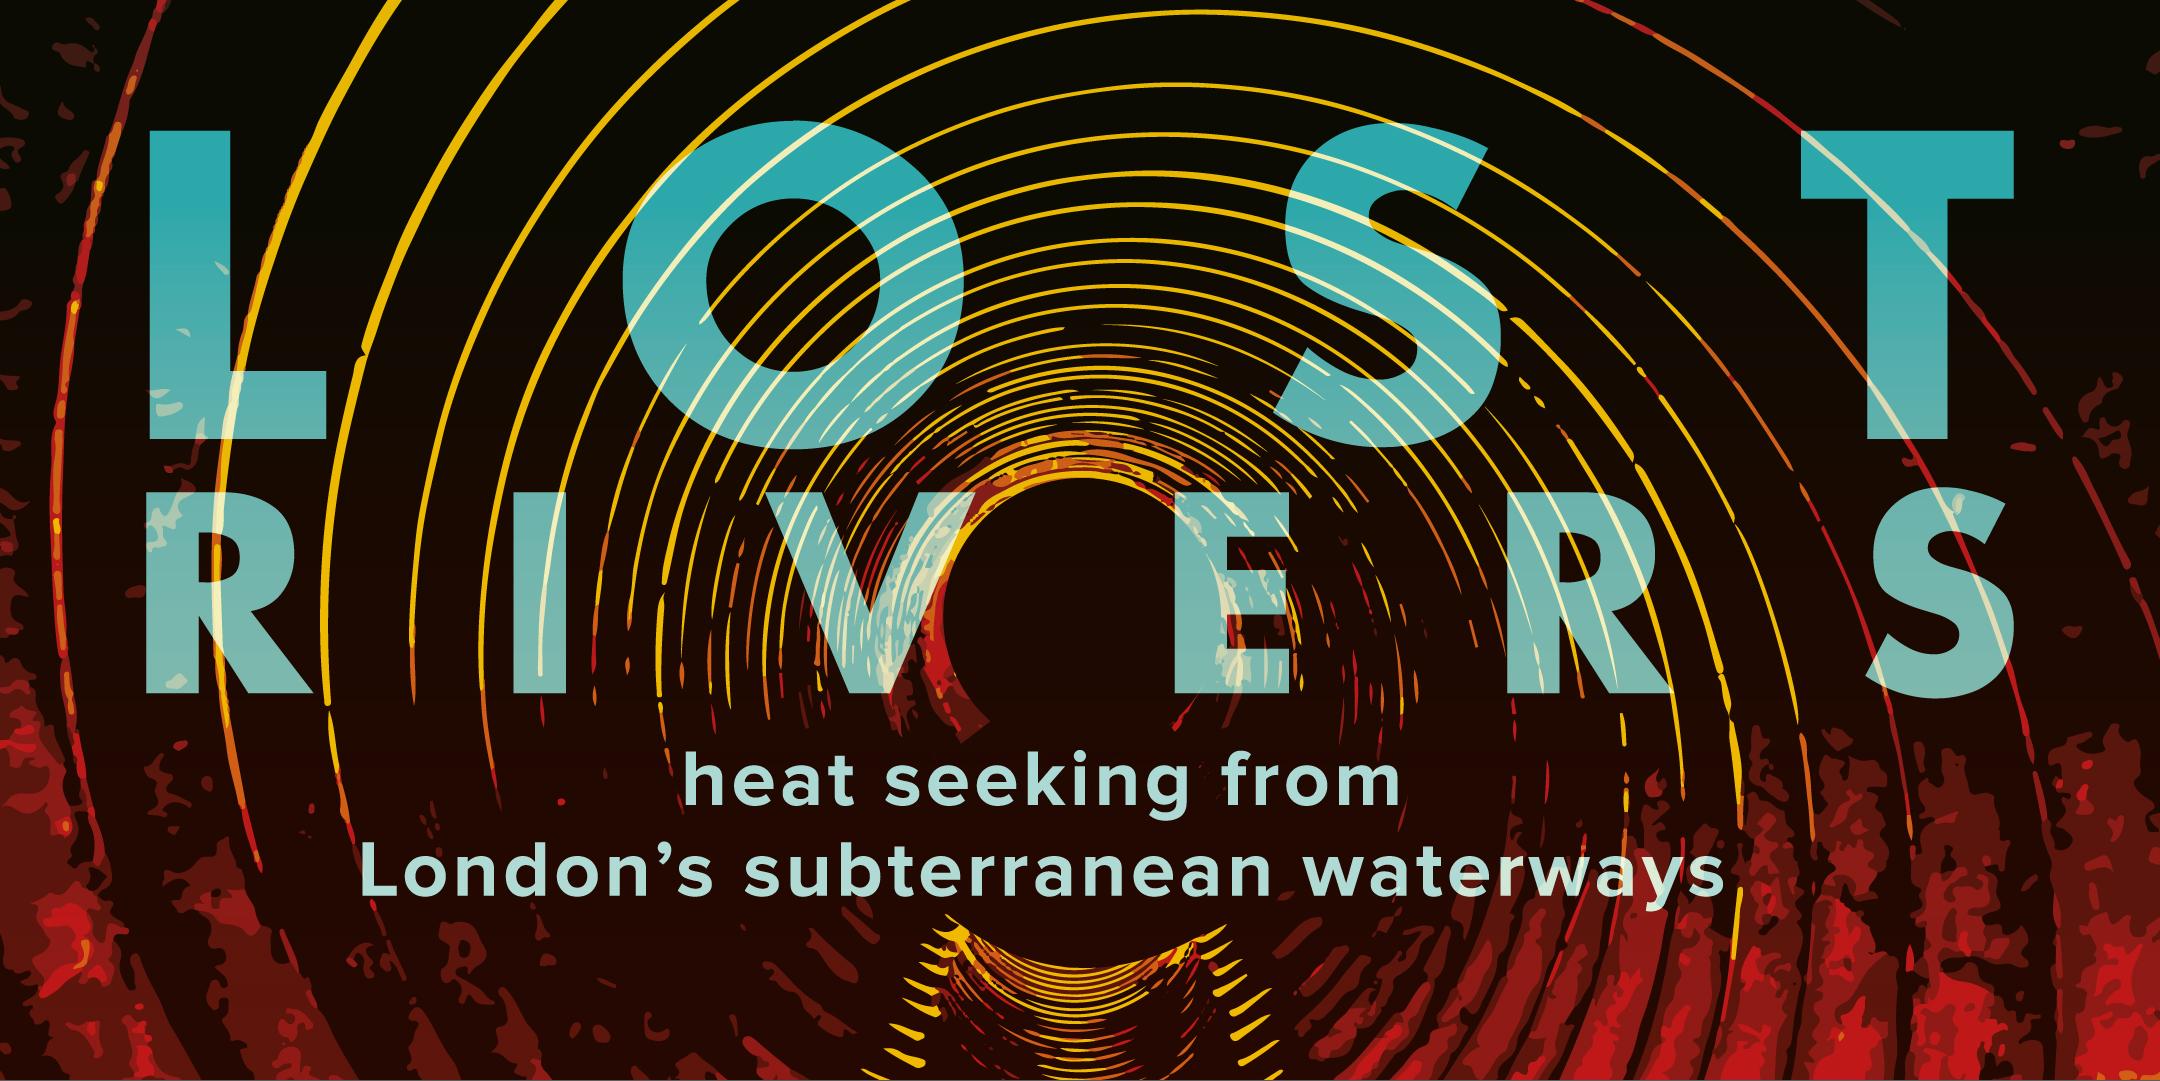 Lost-Rivers-eventbrite2.jpg